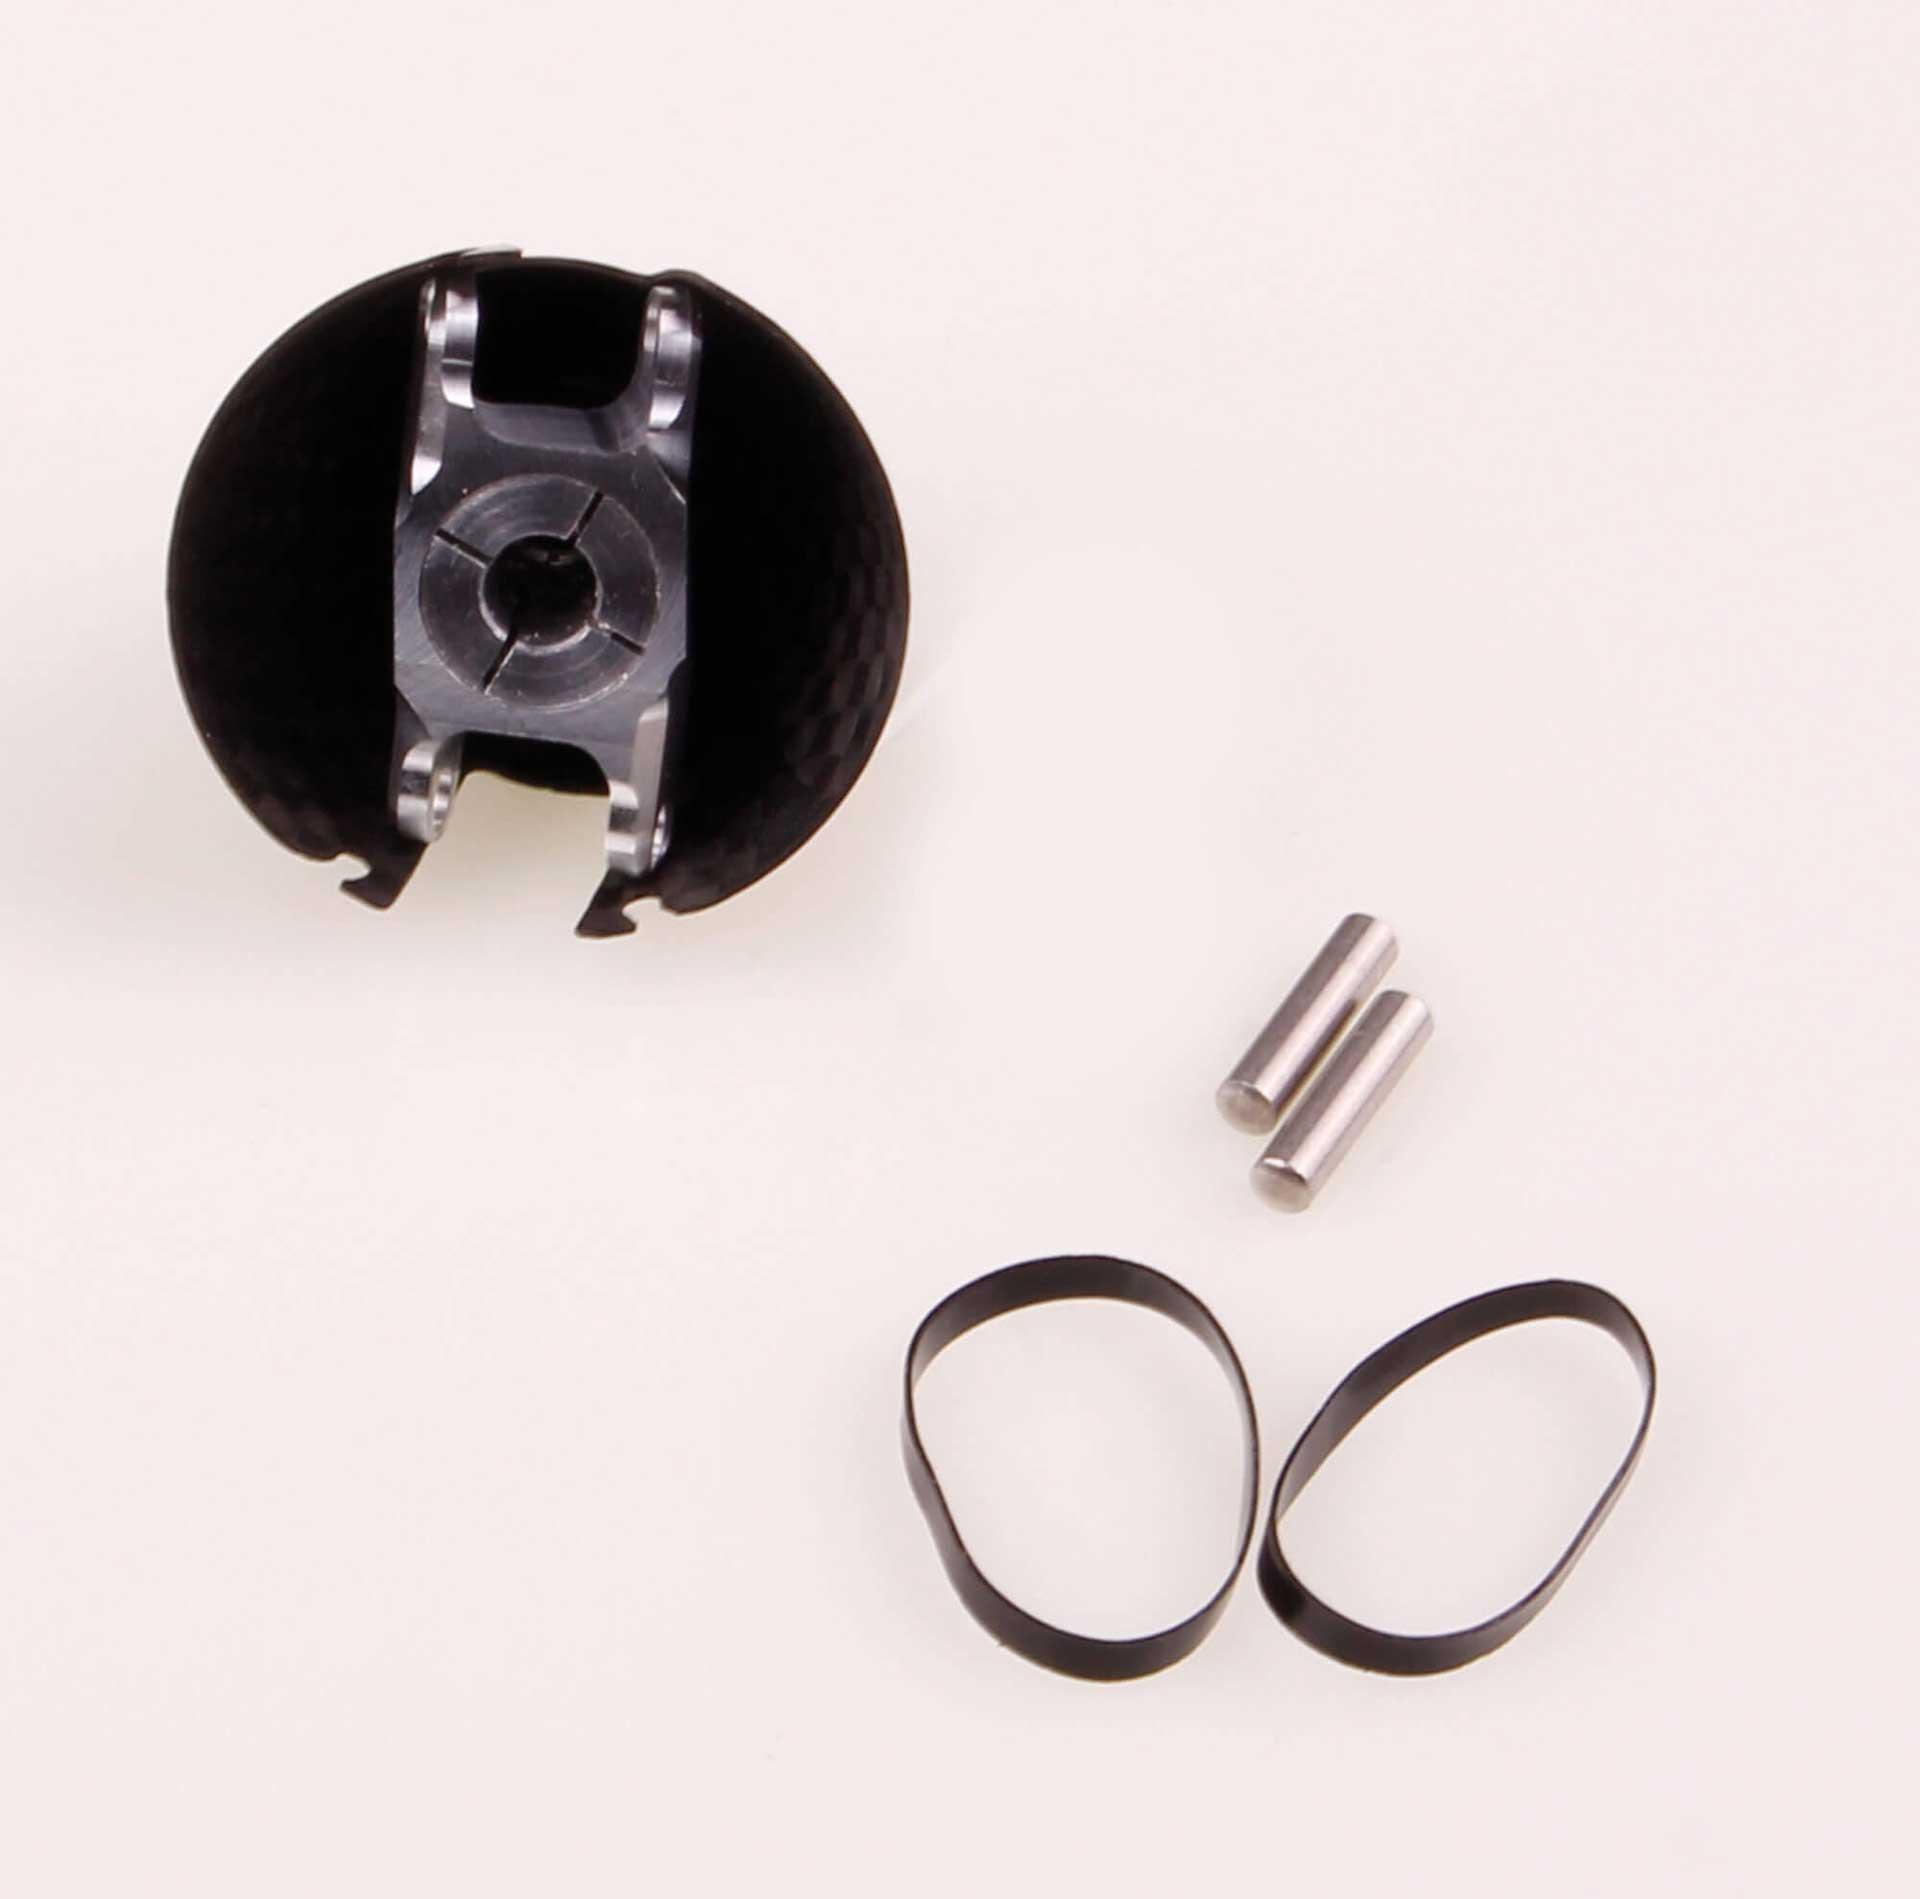 GM Propellers Spinner F5J ø 32mm Diameter, motor shaft ø 6mm Competition Carbon black